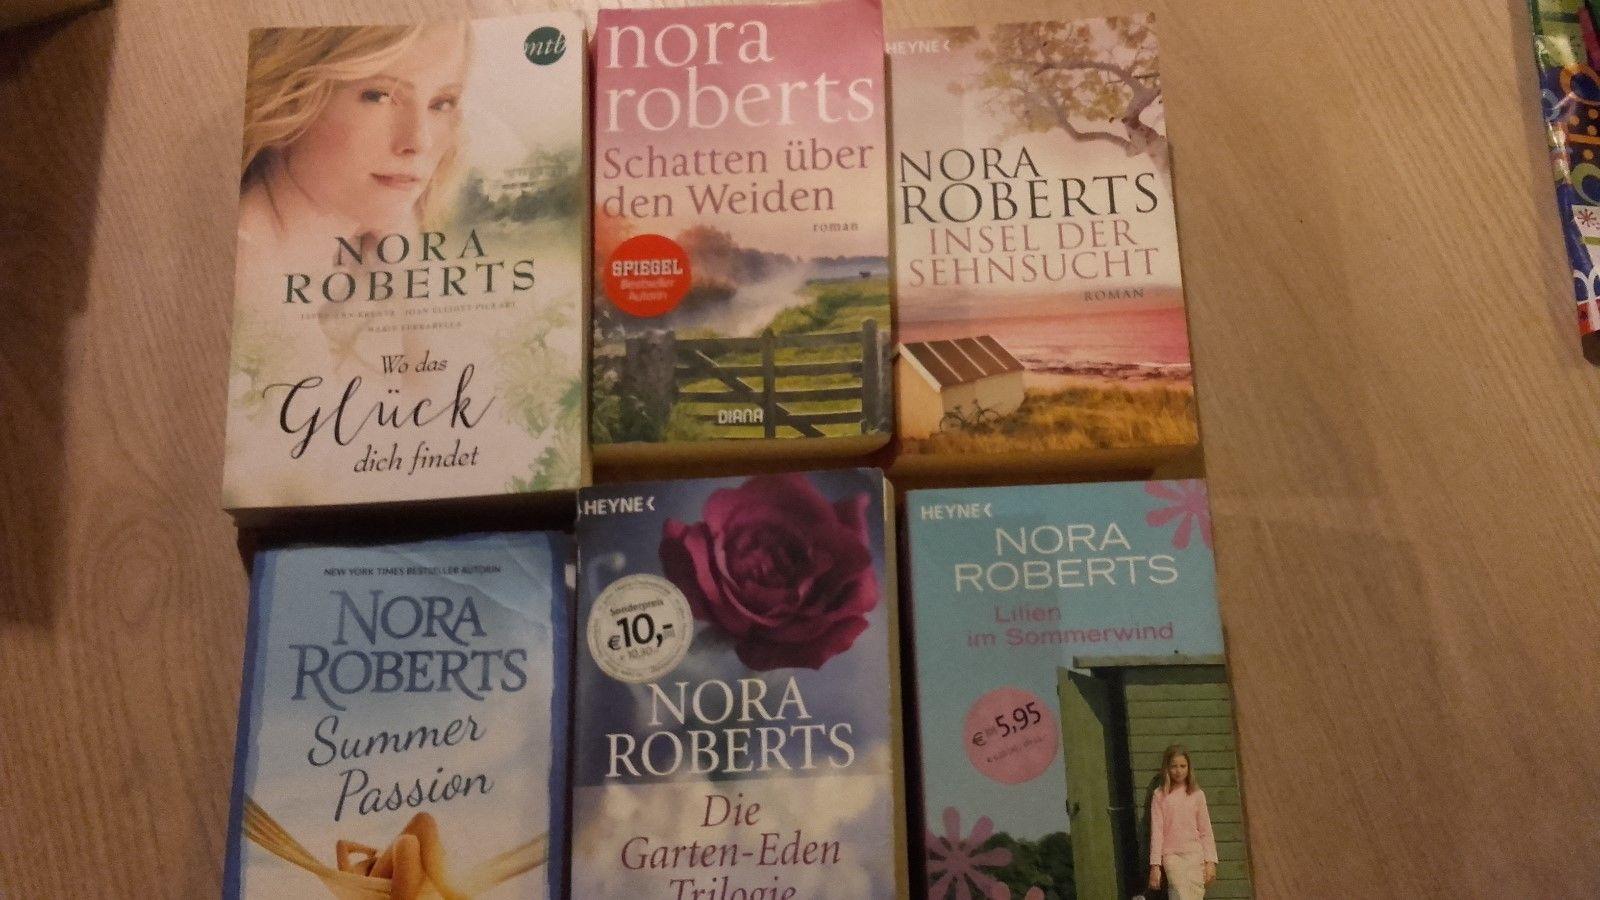 Bücherpaket von Nora Roberts, Frauenromane, gebraucht, aus Nichtraucherhaushalt